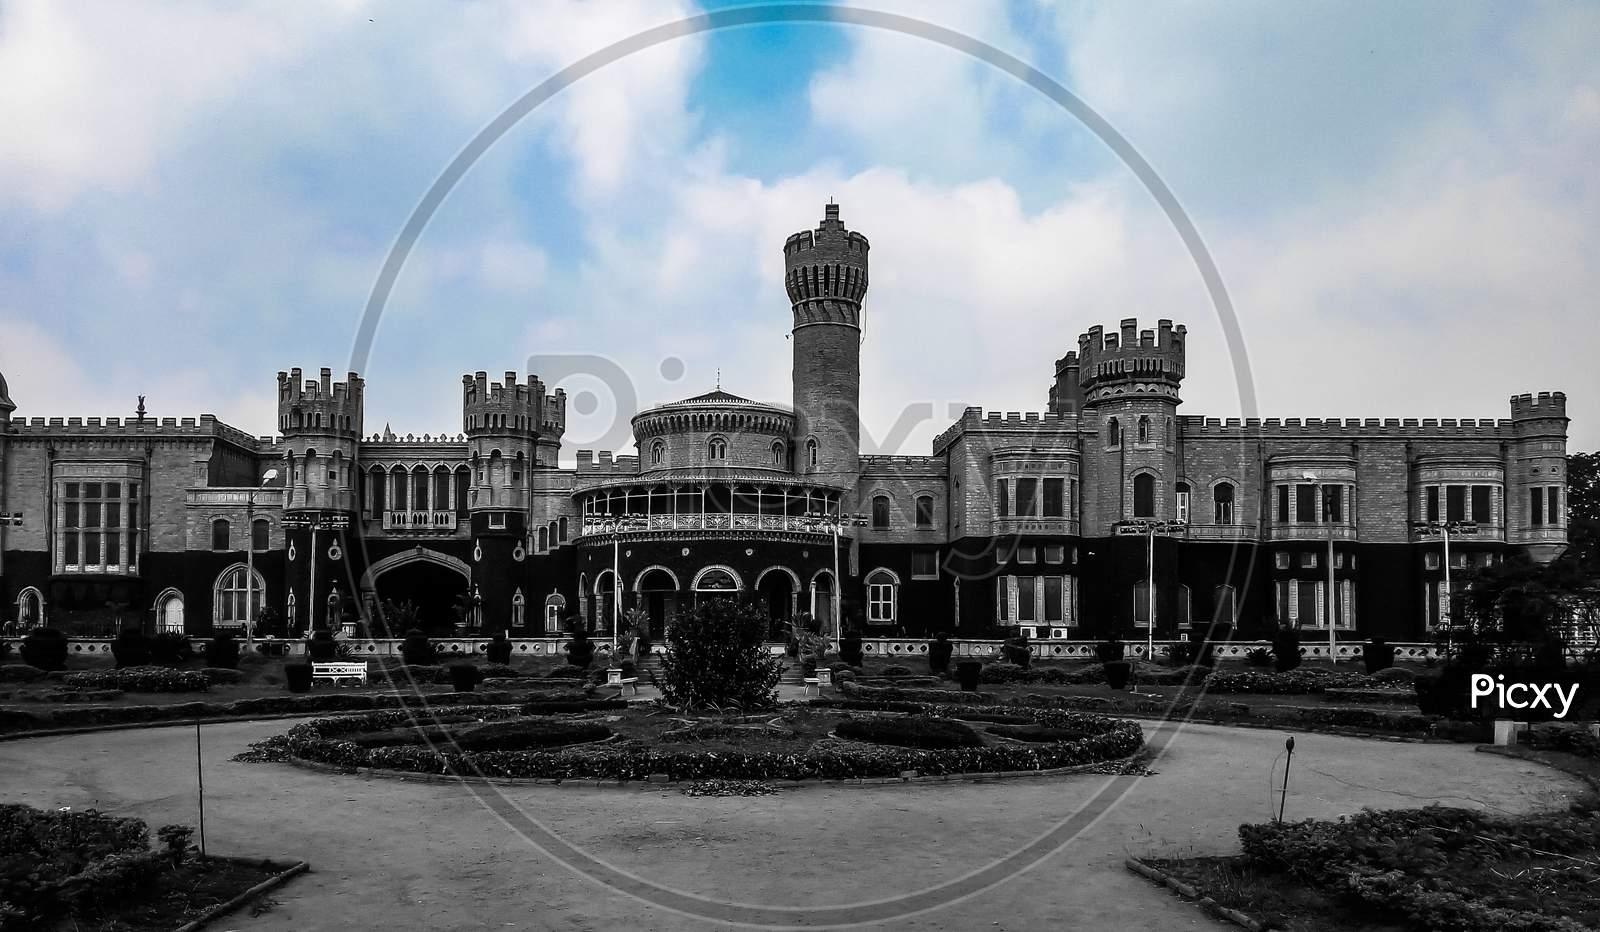 The Beautiful Banglore Palace At Its Best. Banglore, Karnataka India.